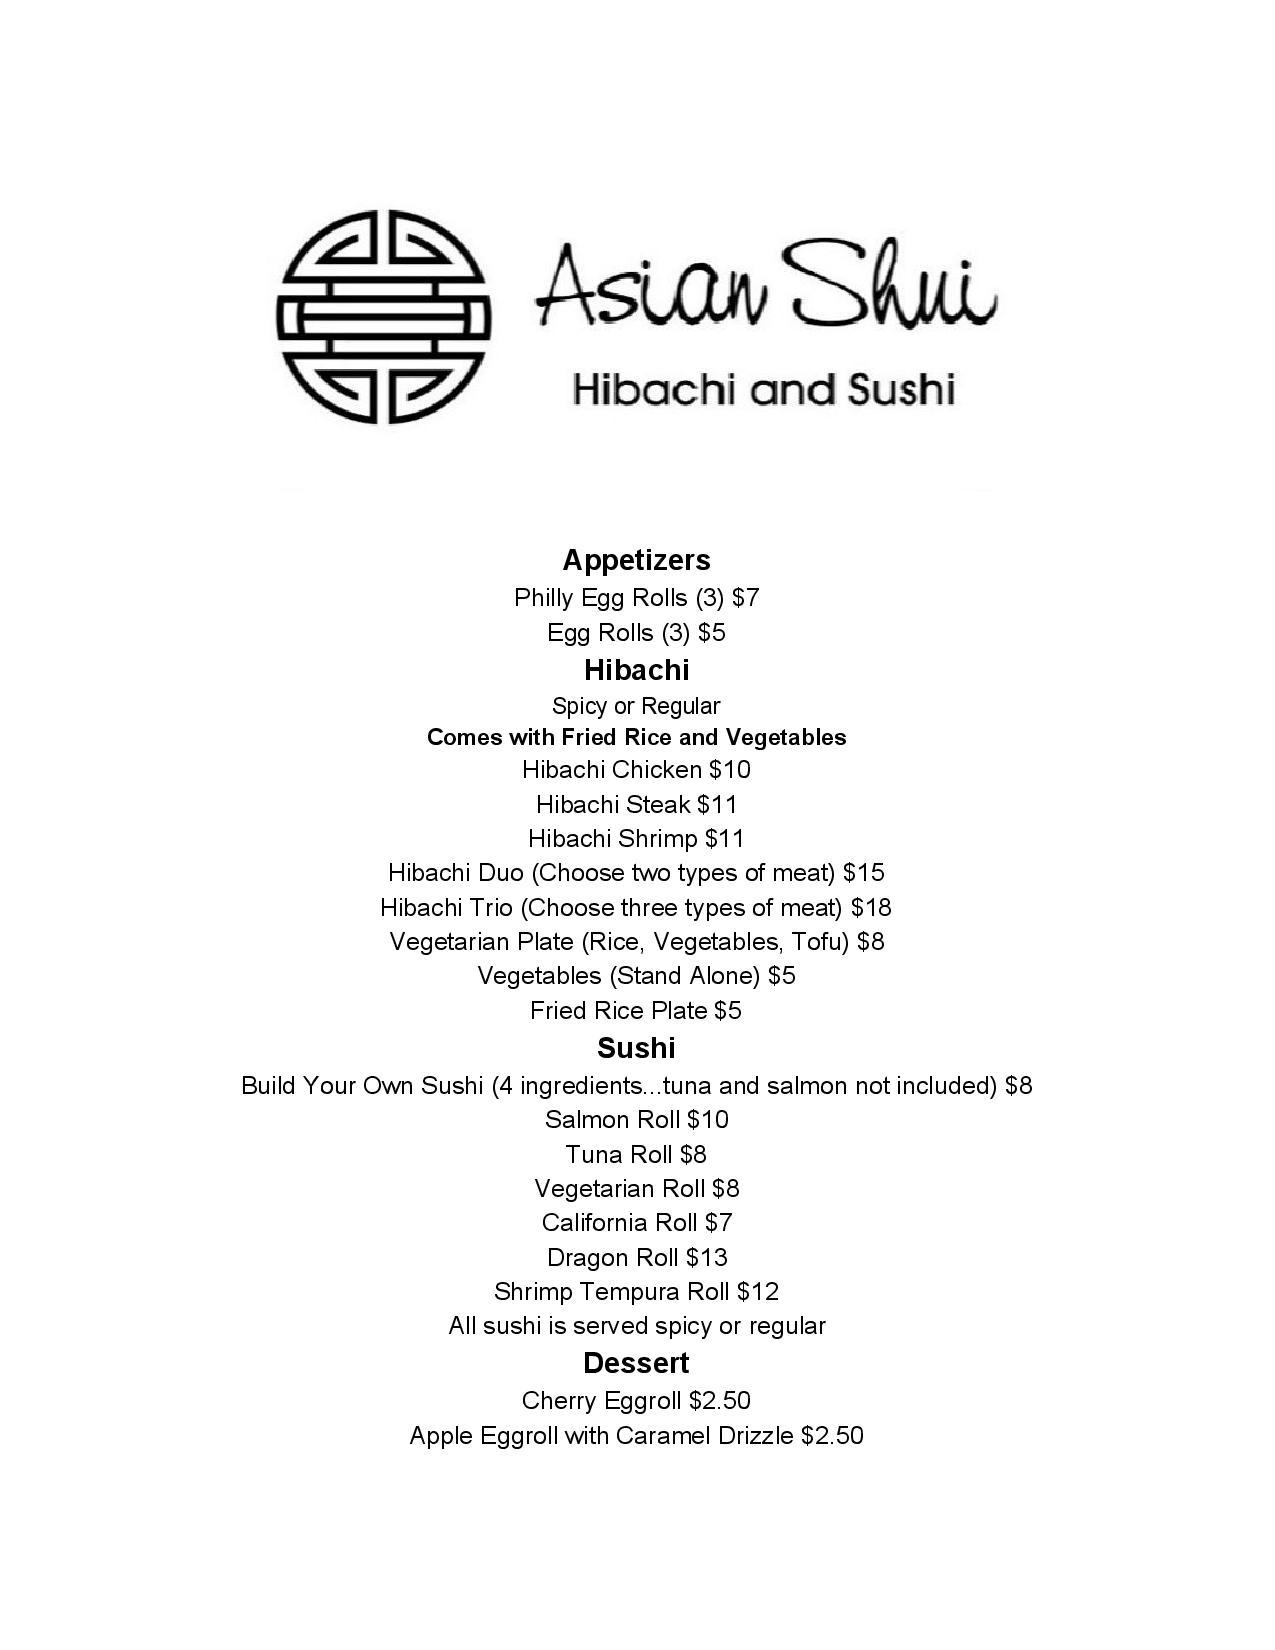 Asian Shui Menu